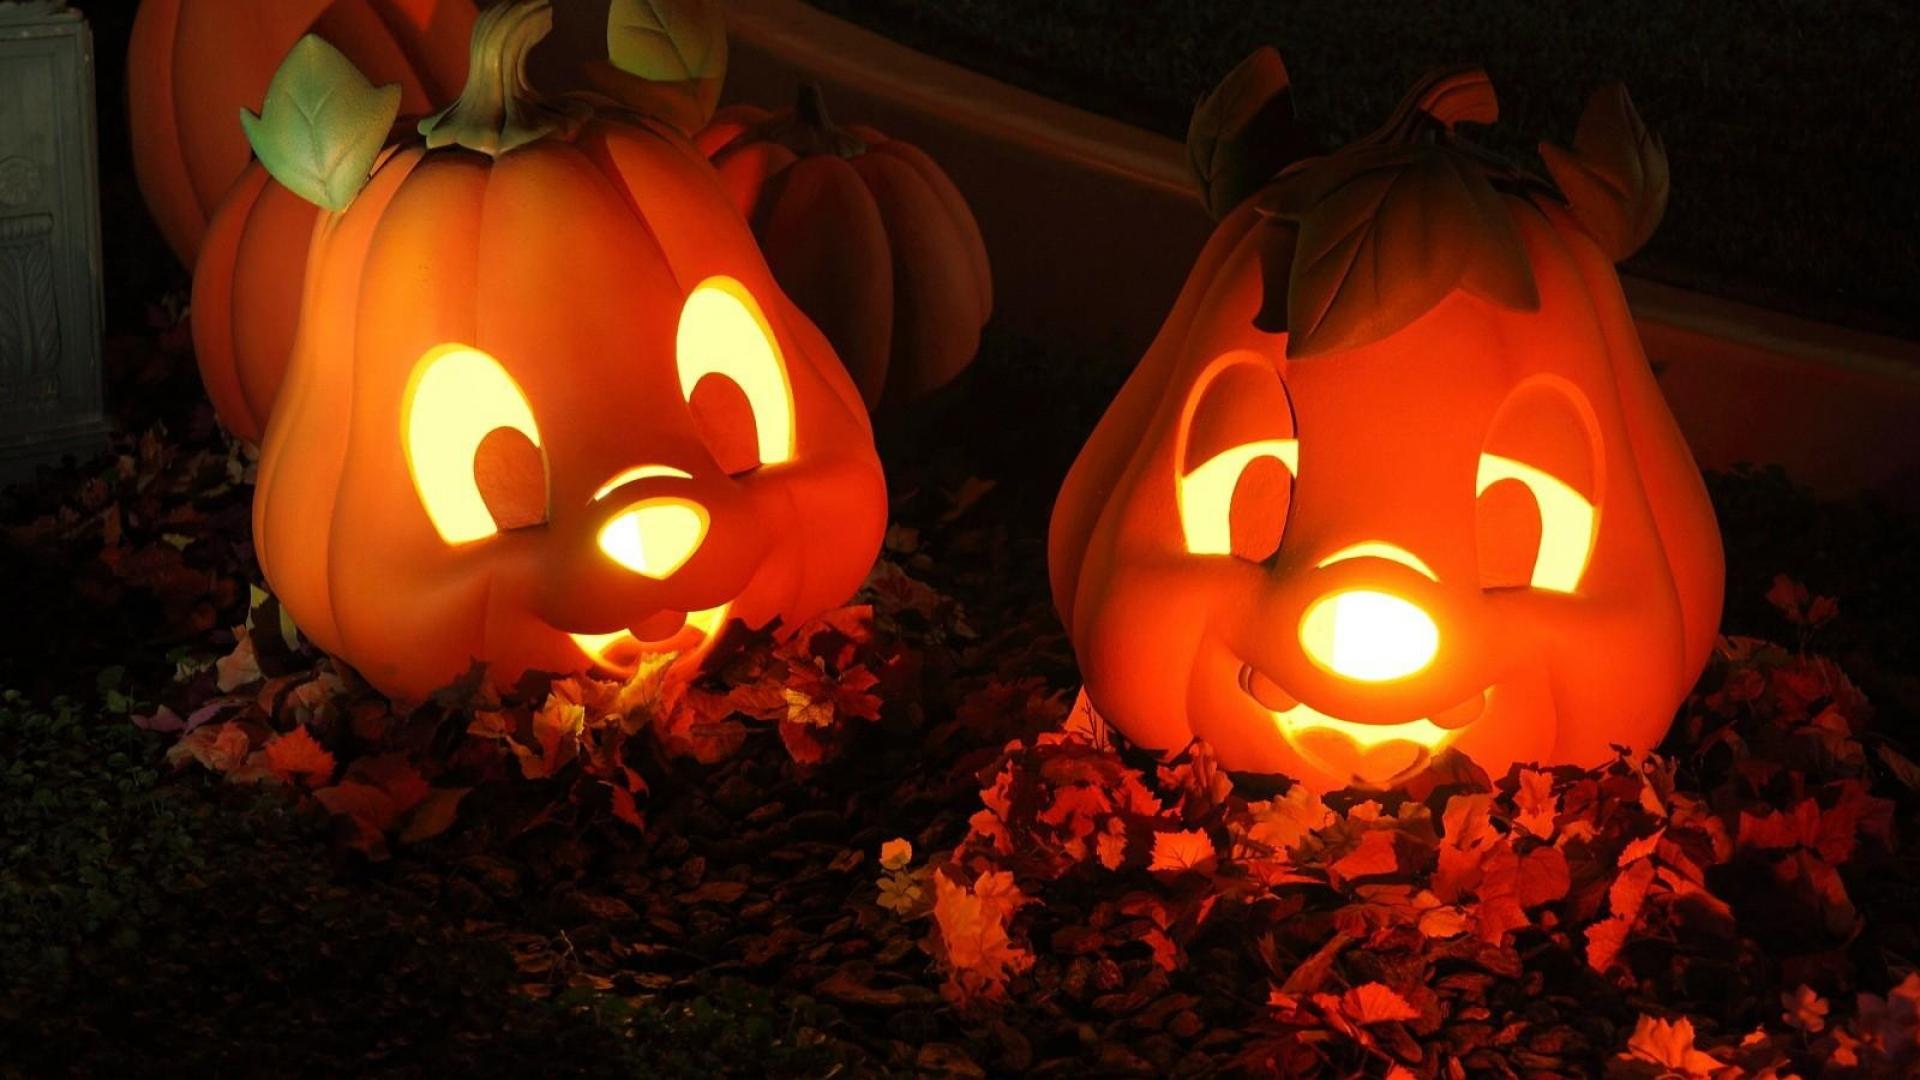 Must see Wallpaper Halloween Light - halloween_pumpkins_models_lights_faces_pigs_39427_1920x1080  Trends_92669.jpg